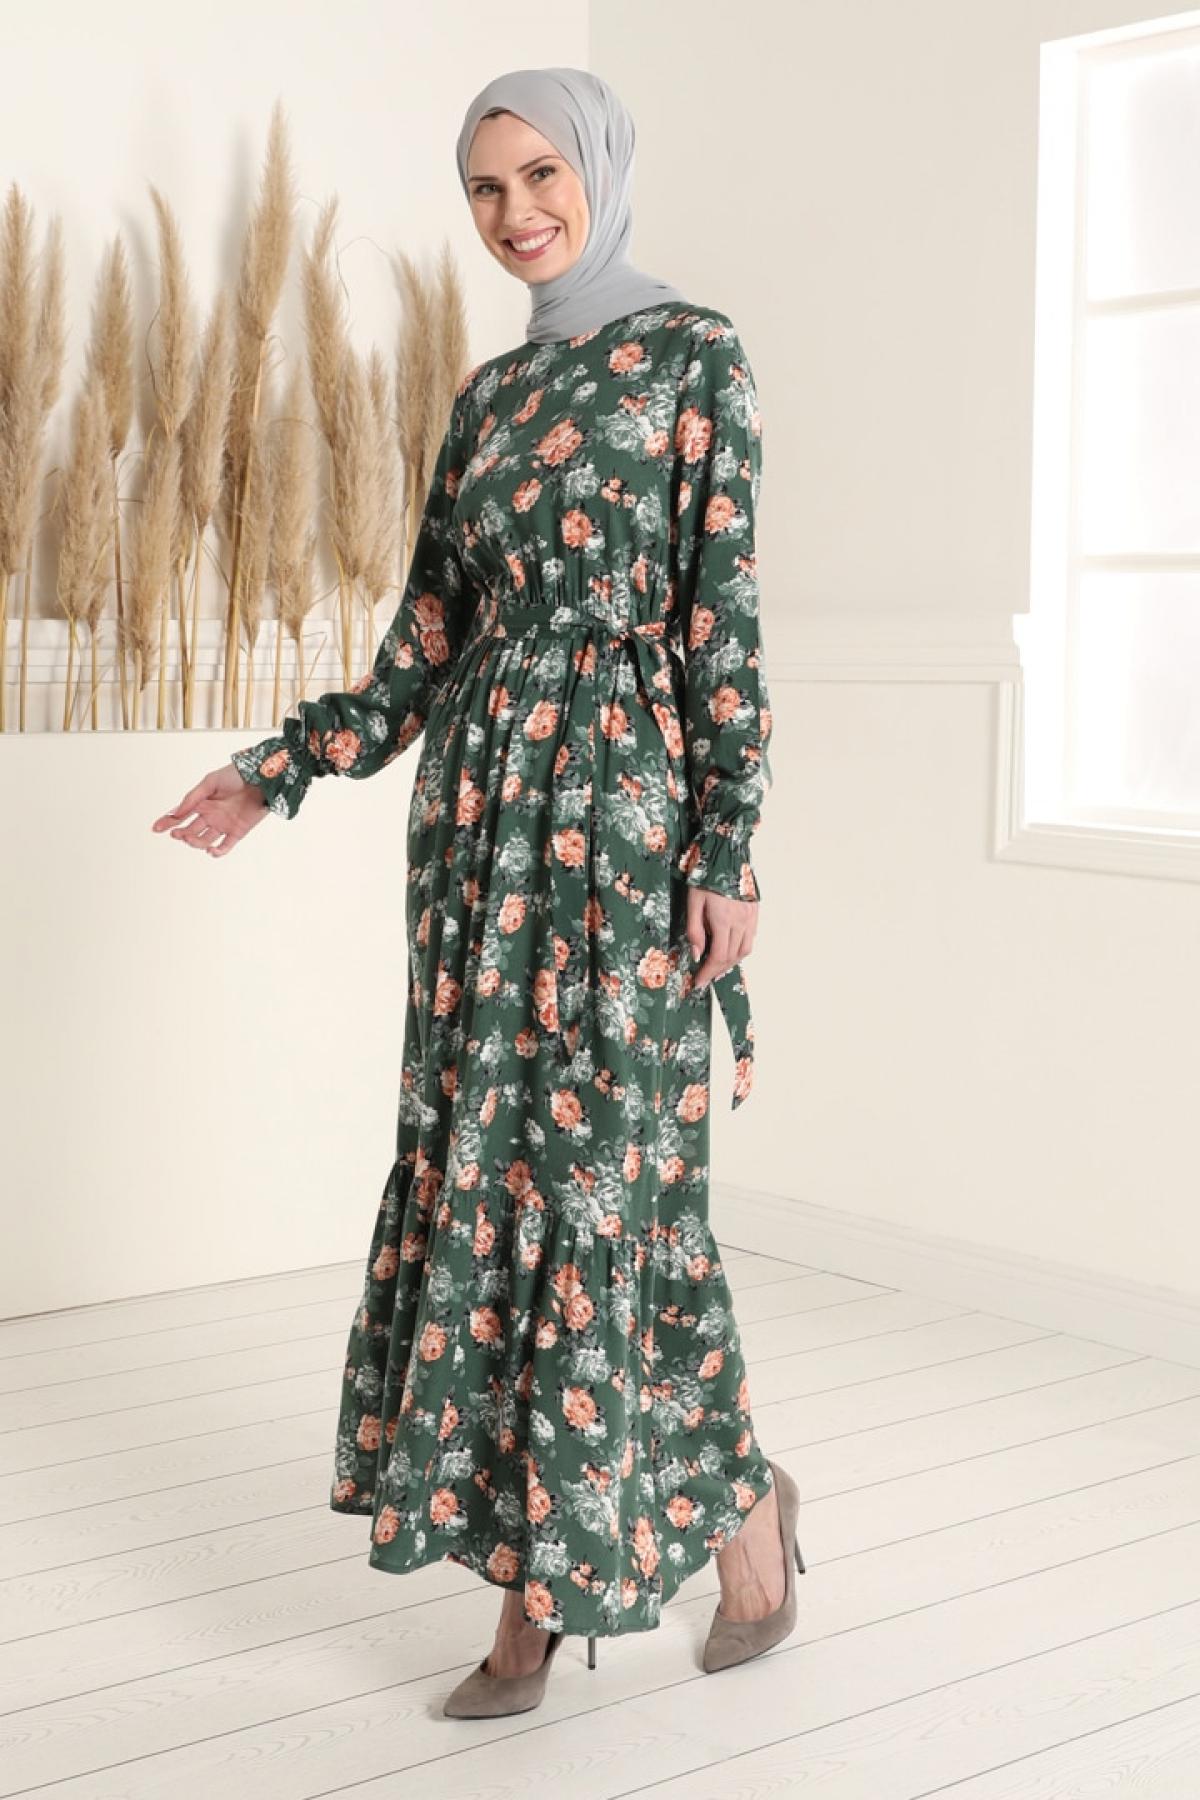 Tavin Haki Doğal Kumaşlı Çiçek Desenli Beli Lastikli Elbise